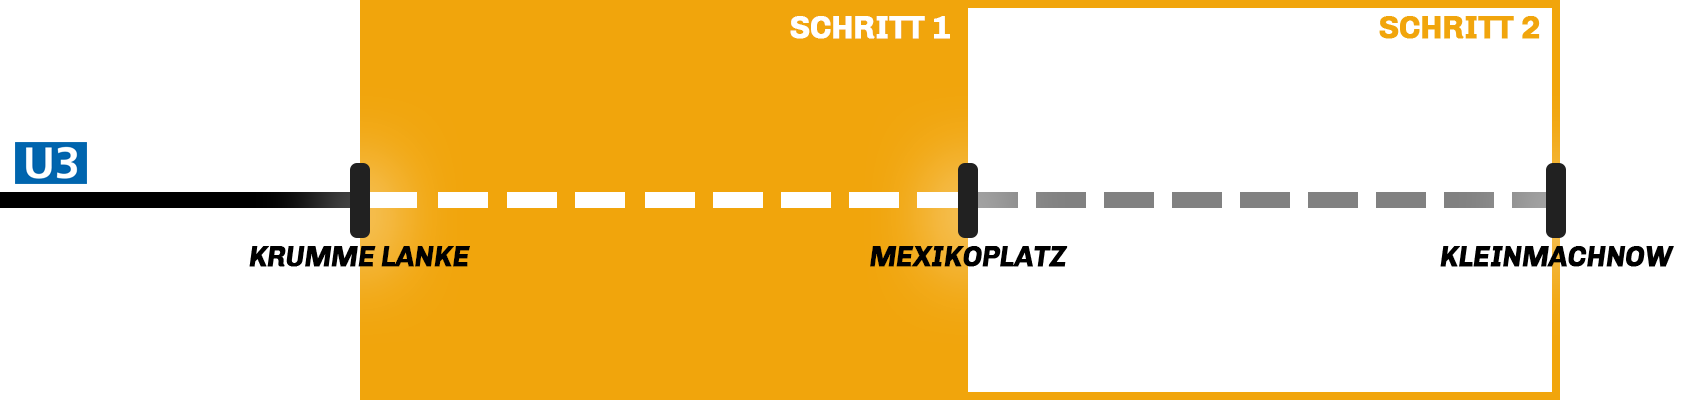 Kleinmachnow-Erweiterung2